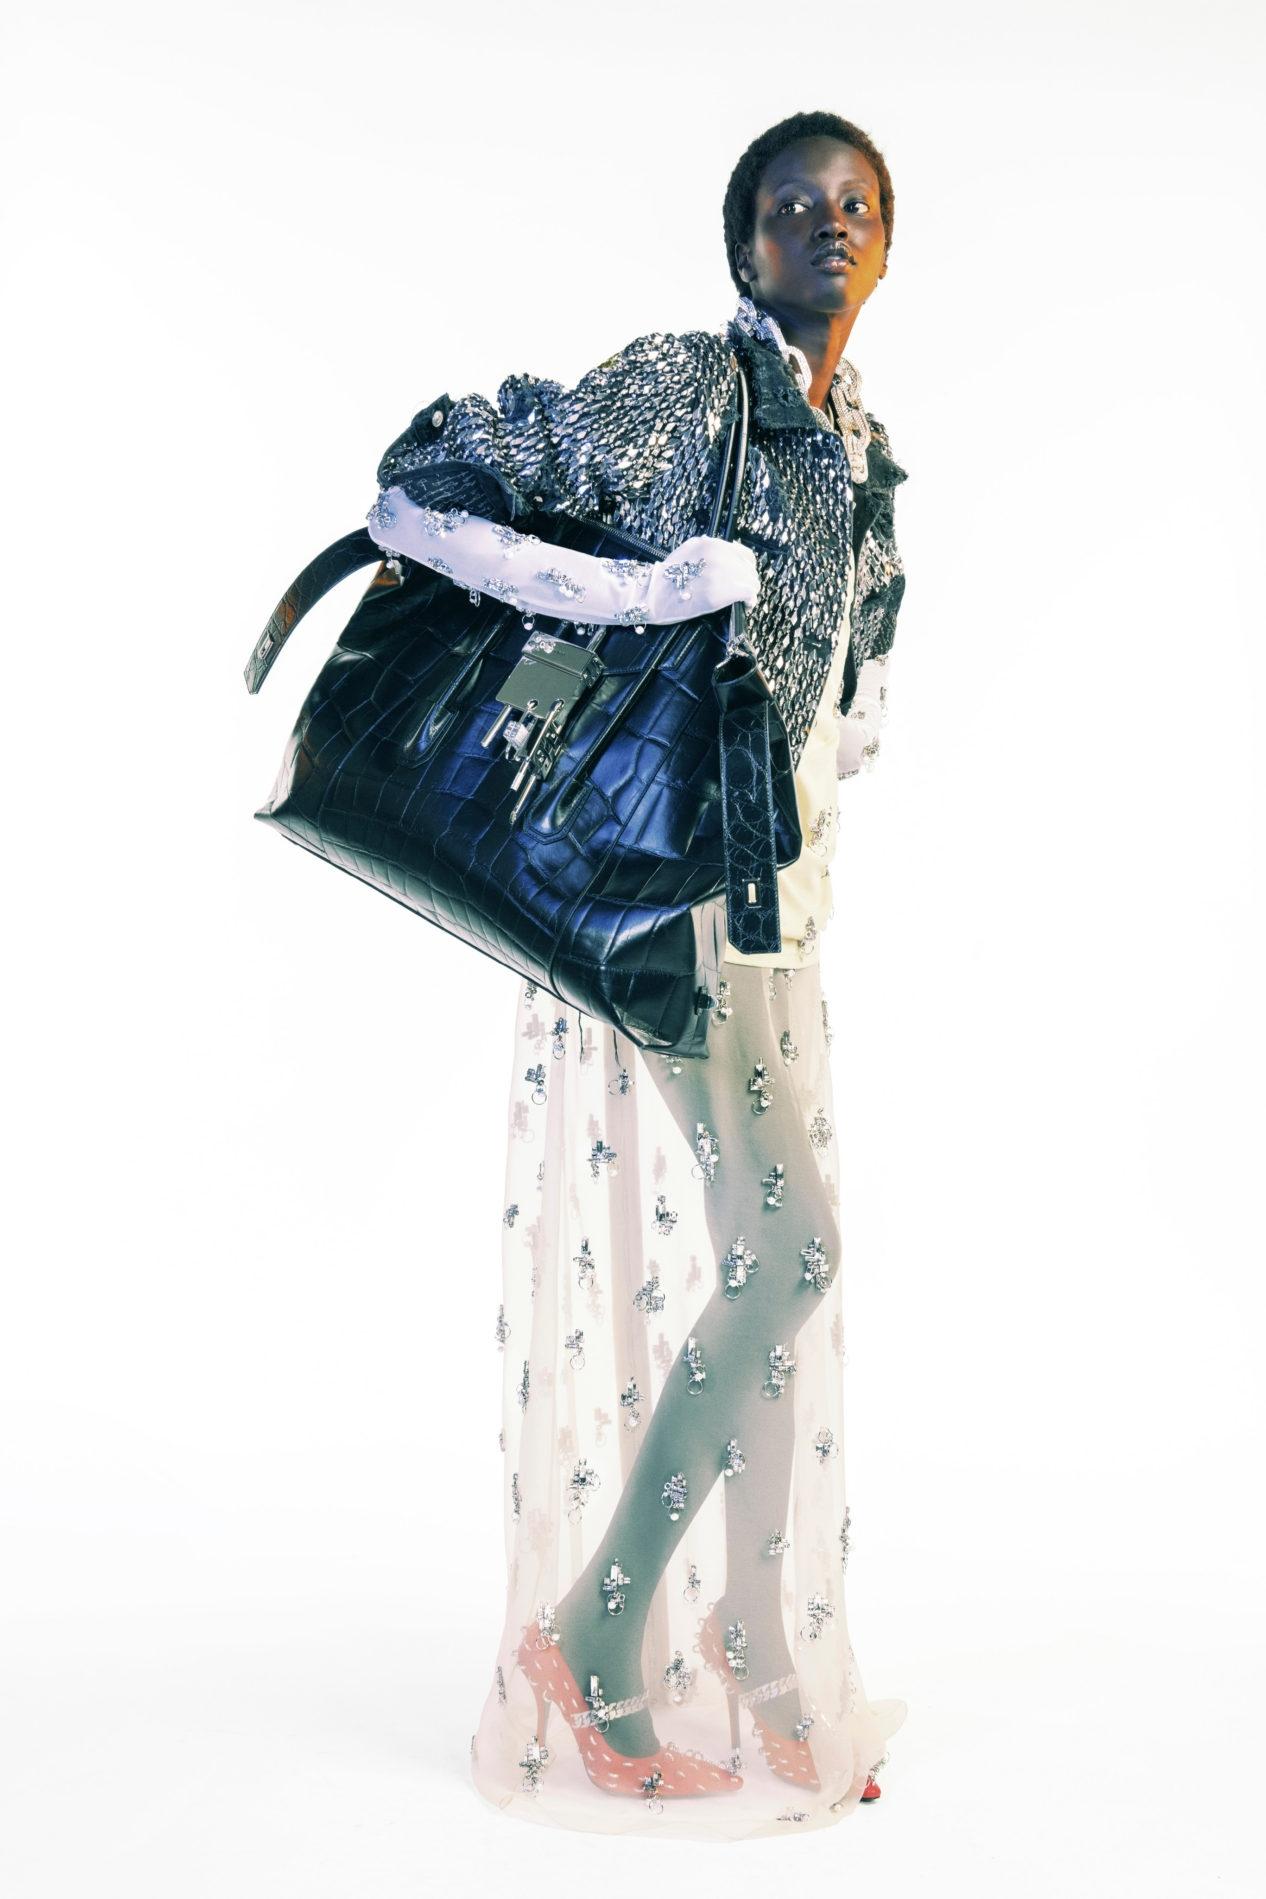 Дебют Мэтью Уильямса и пример безупречного стиля. Почему все обсуждают новую коллекцию Givenchy (ФОТО) - фото №7